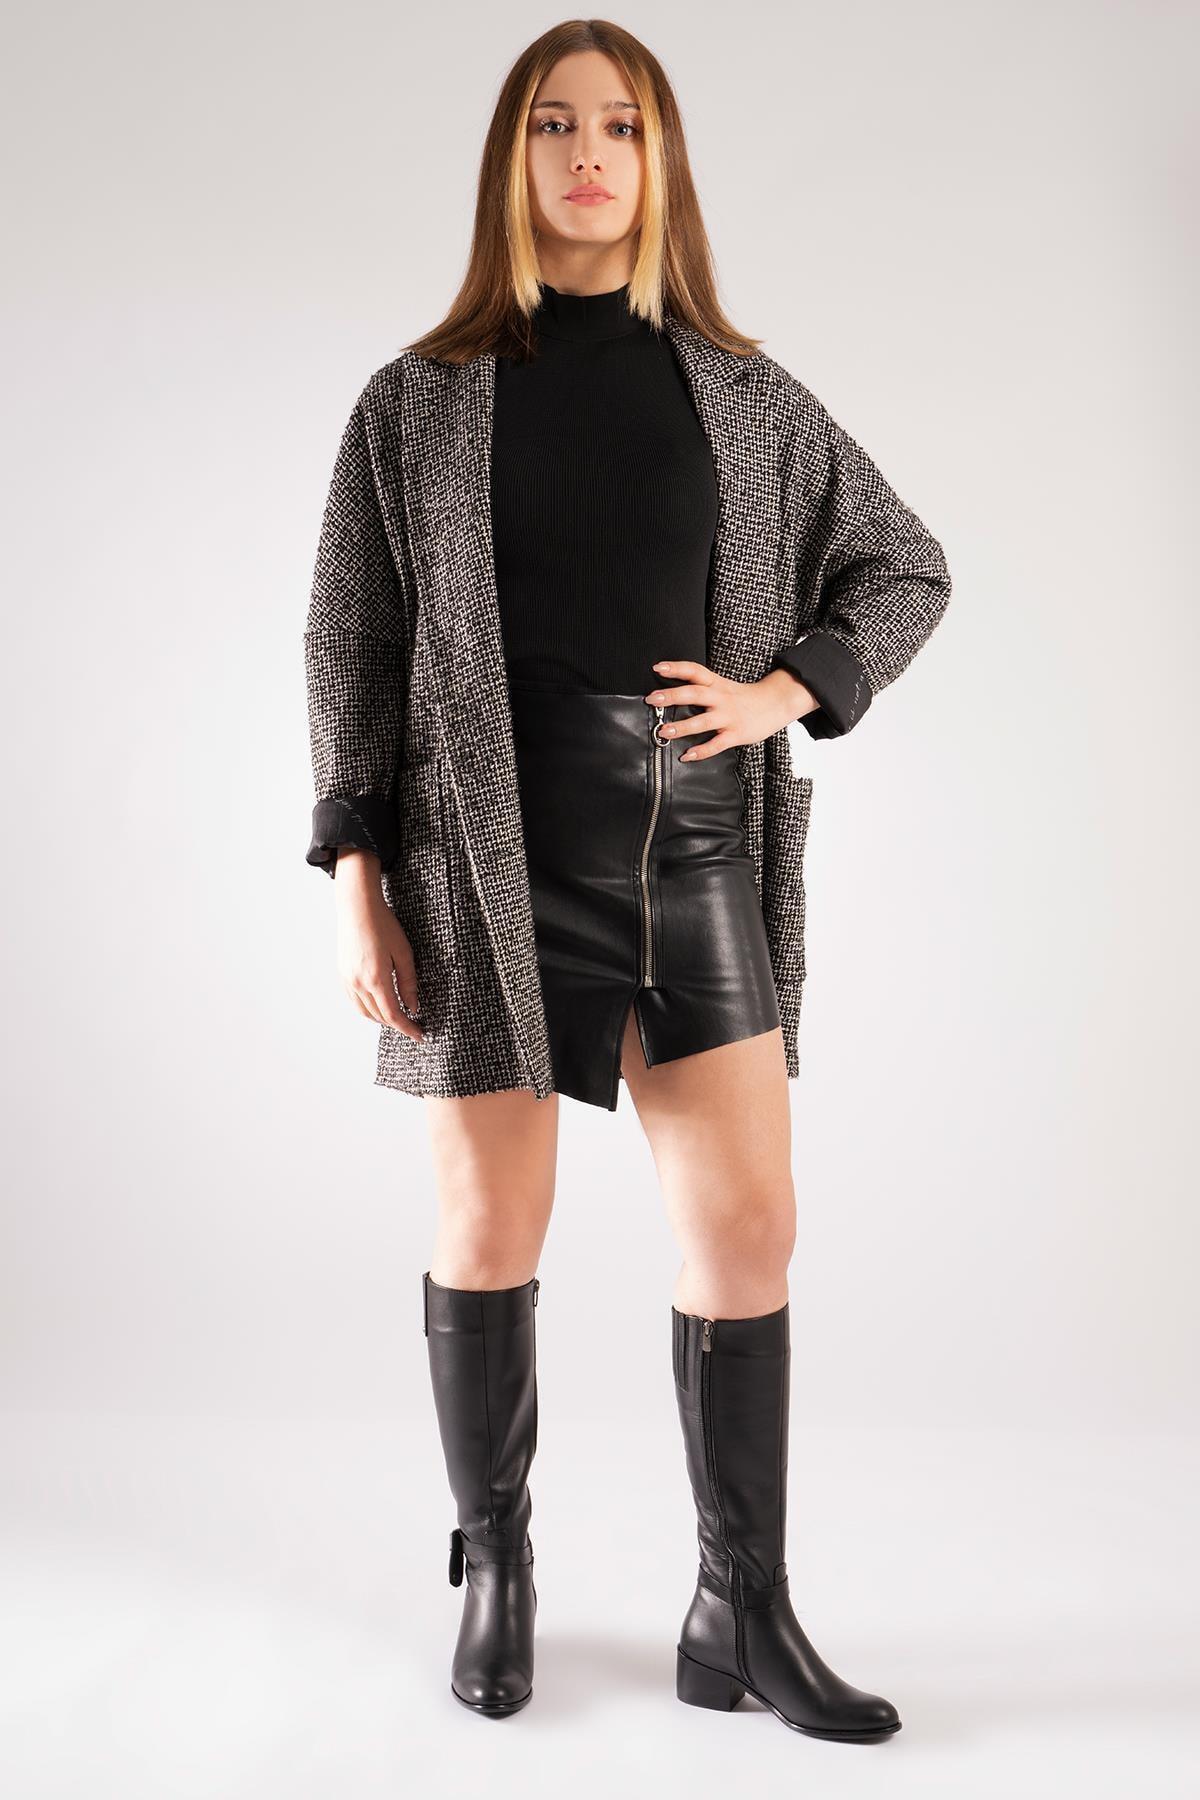 CZ London Hakiki Deri Kadın Topuklu Çizme Zımbalı Fiyonklu Uzun Boy Fermuar